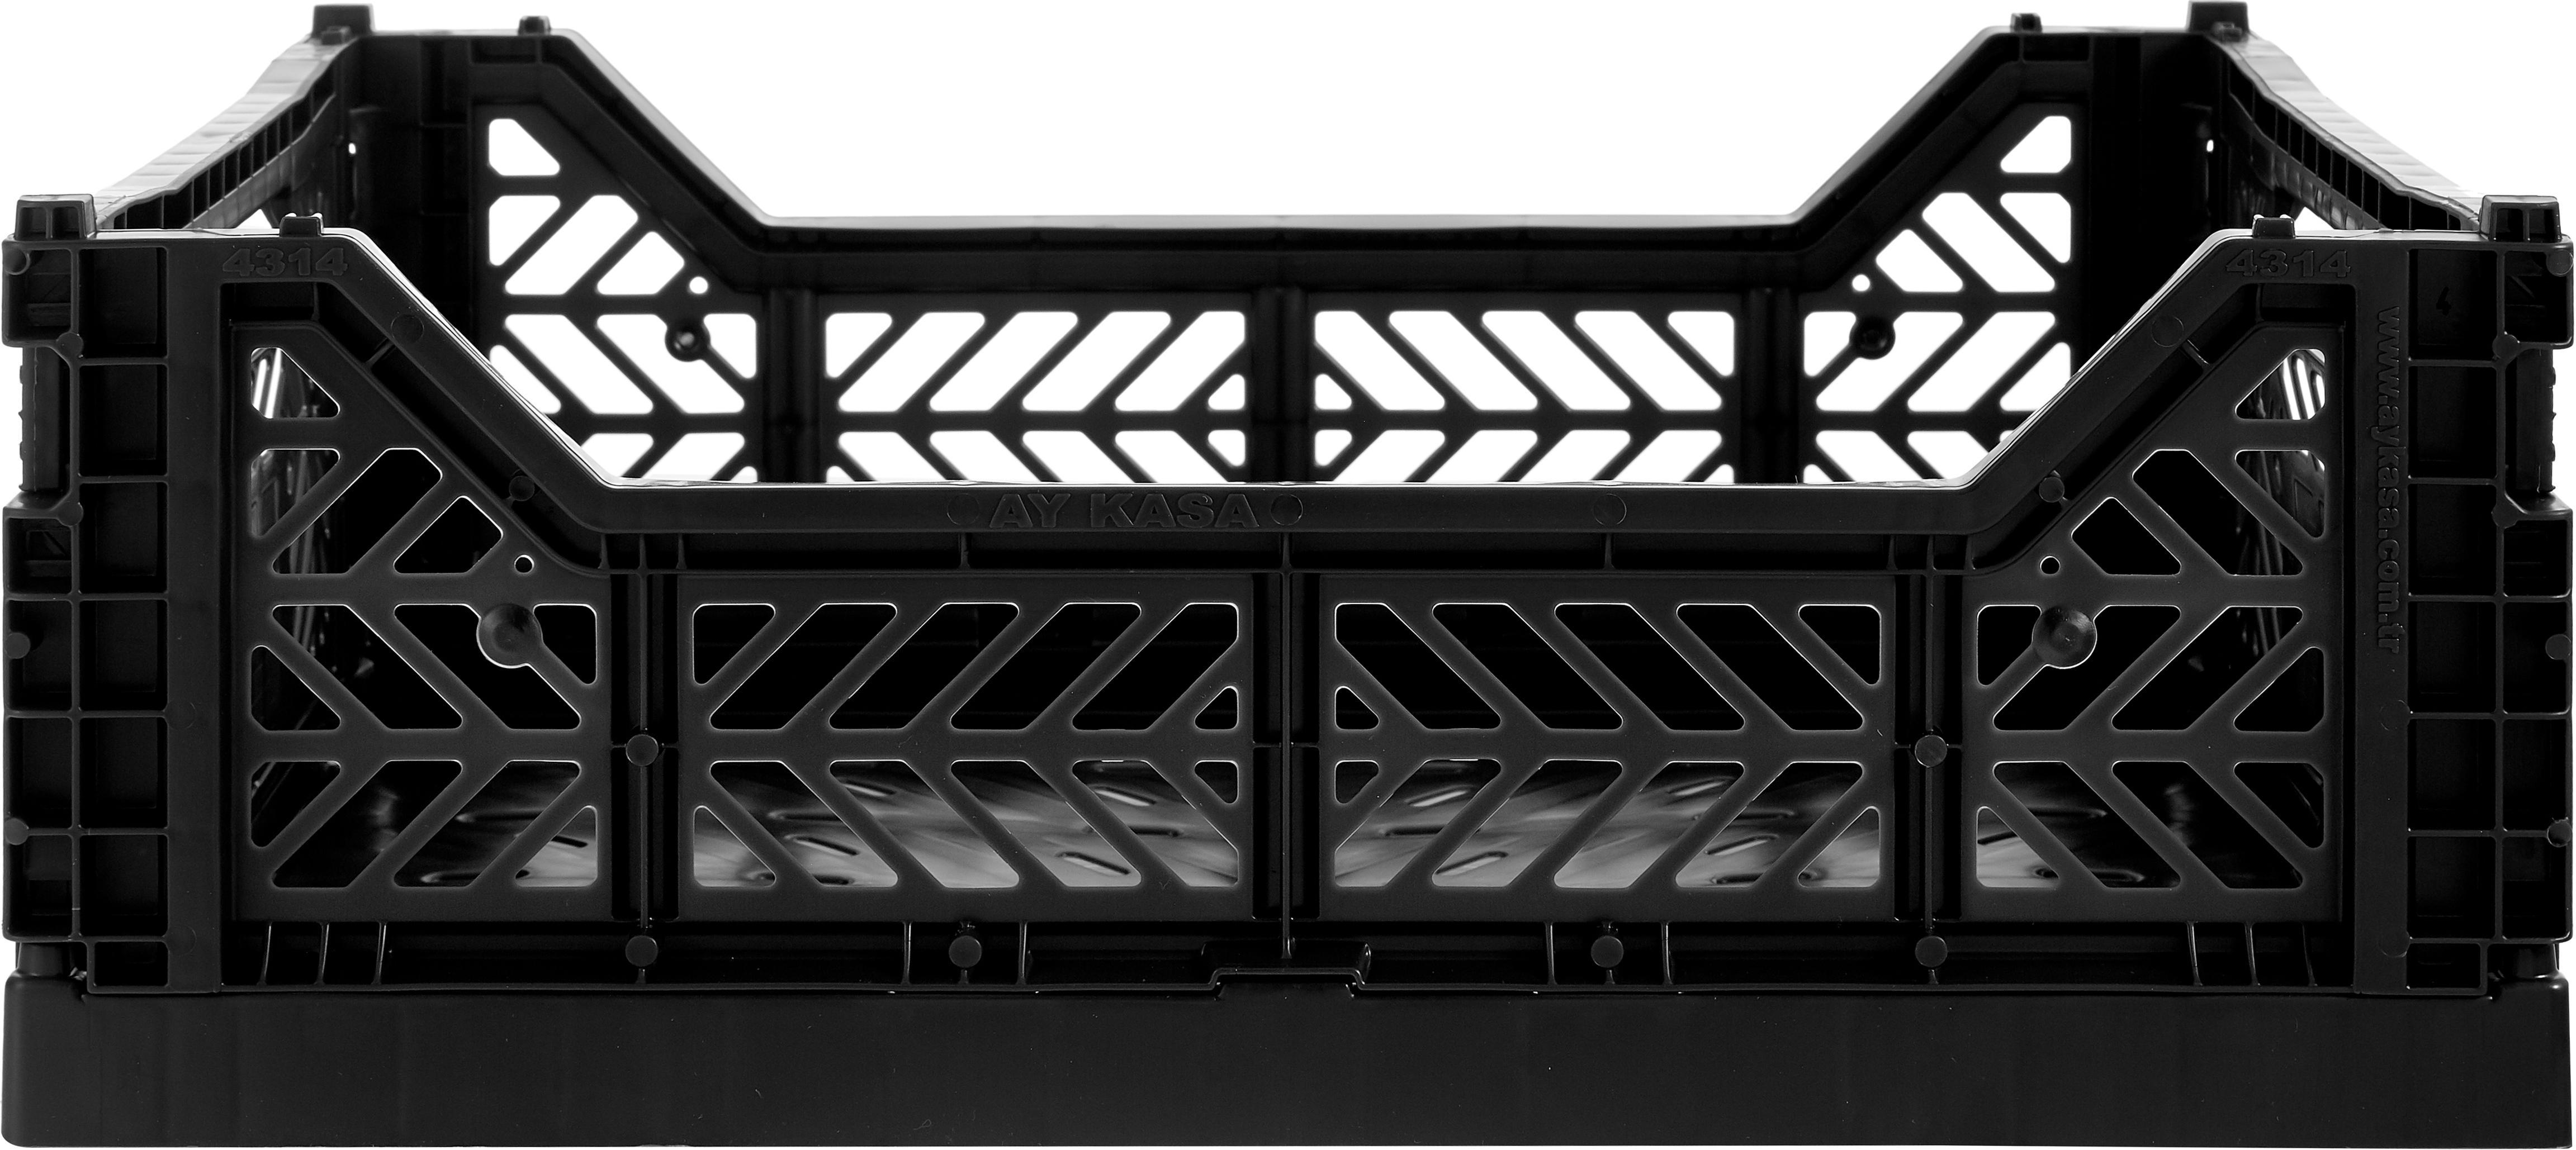 Cesto medio pieghevole e impilabile Midi, Materiale sintetico riciclato, Nero, Larg. 40 x Alt. 14 cm